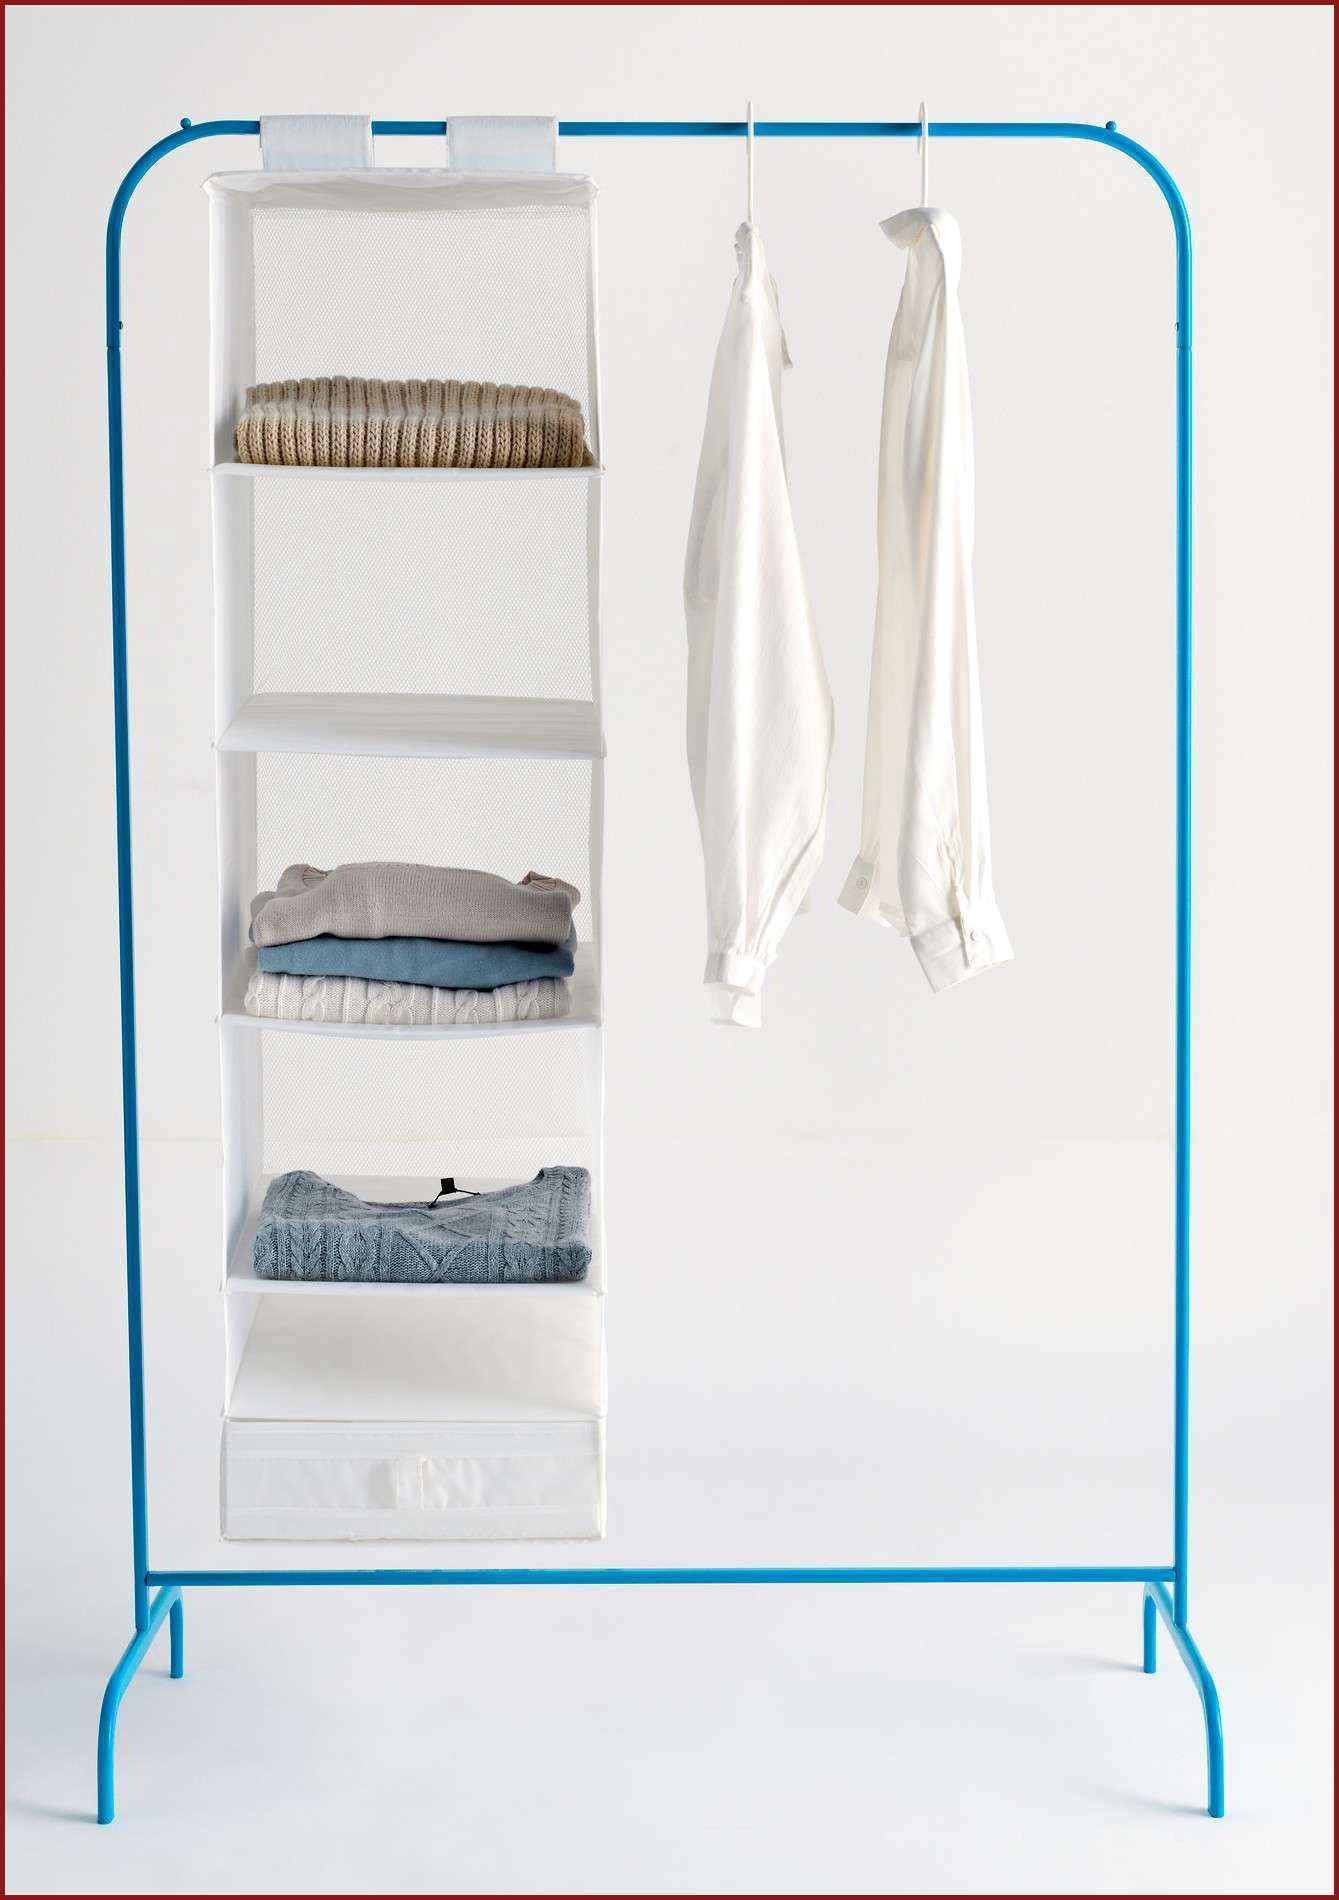 Full Size of Küchenrückwand Ikea Paneele Fur Kuchenruckwand Modulküche Betten 160x200 Sofa Mit Schlaffunktion Küche Kosten Miniküche Bei Kaufen Wohnzimmer Küchenrückwand Ikea